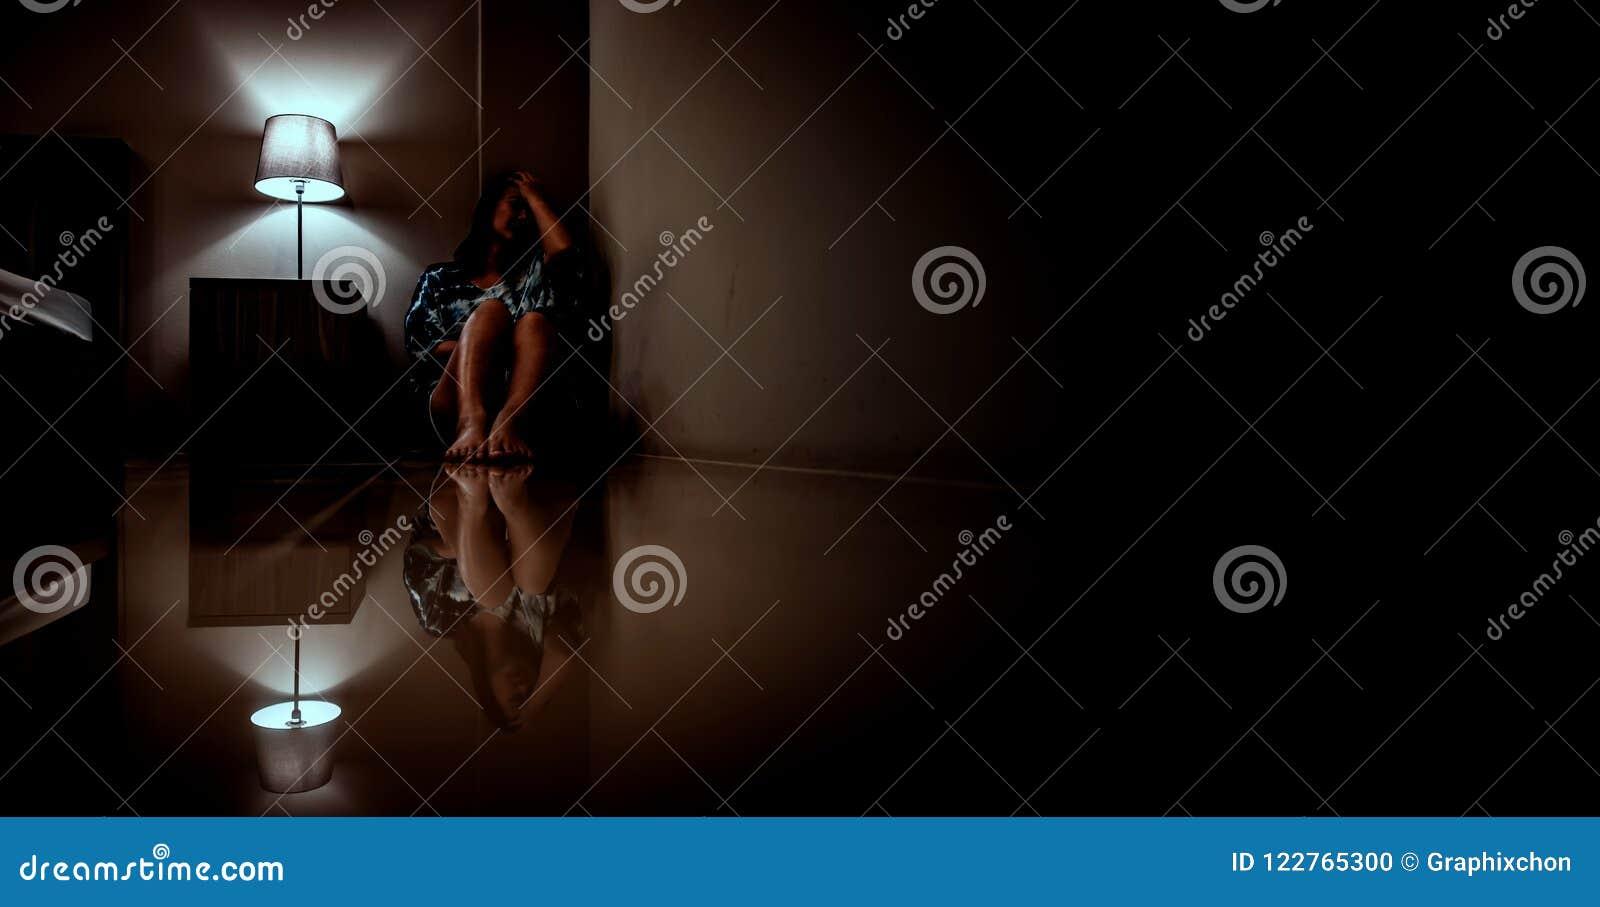 Mujer de la depresión solamente en el cuarto oscuro Problema de salud mental, PTSD